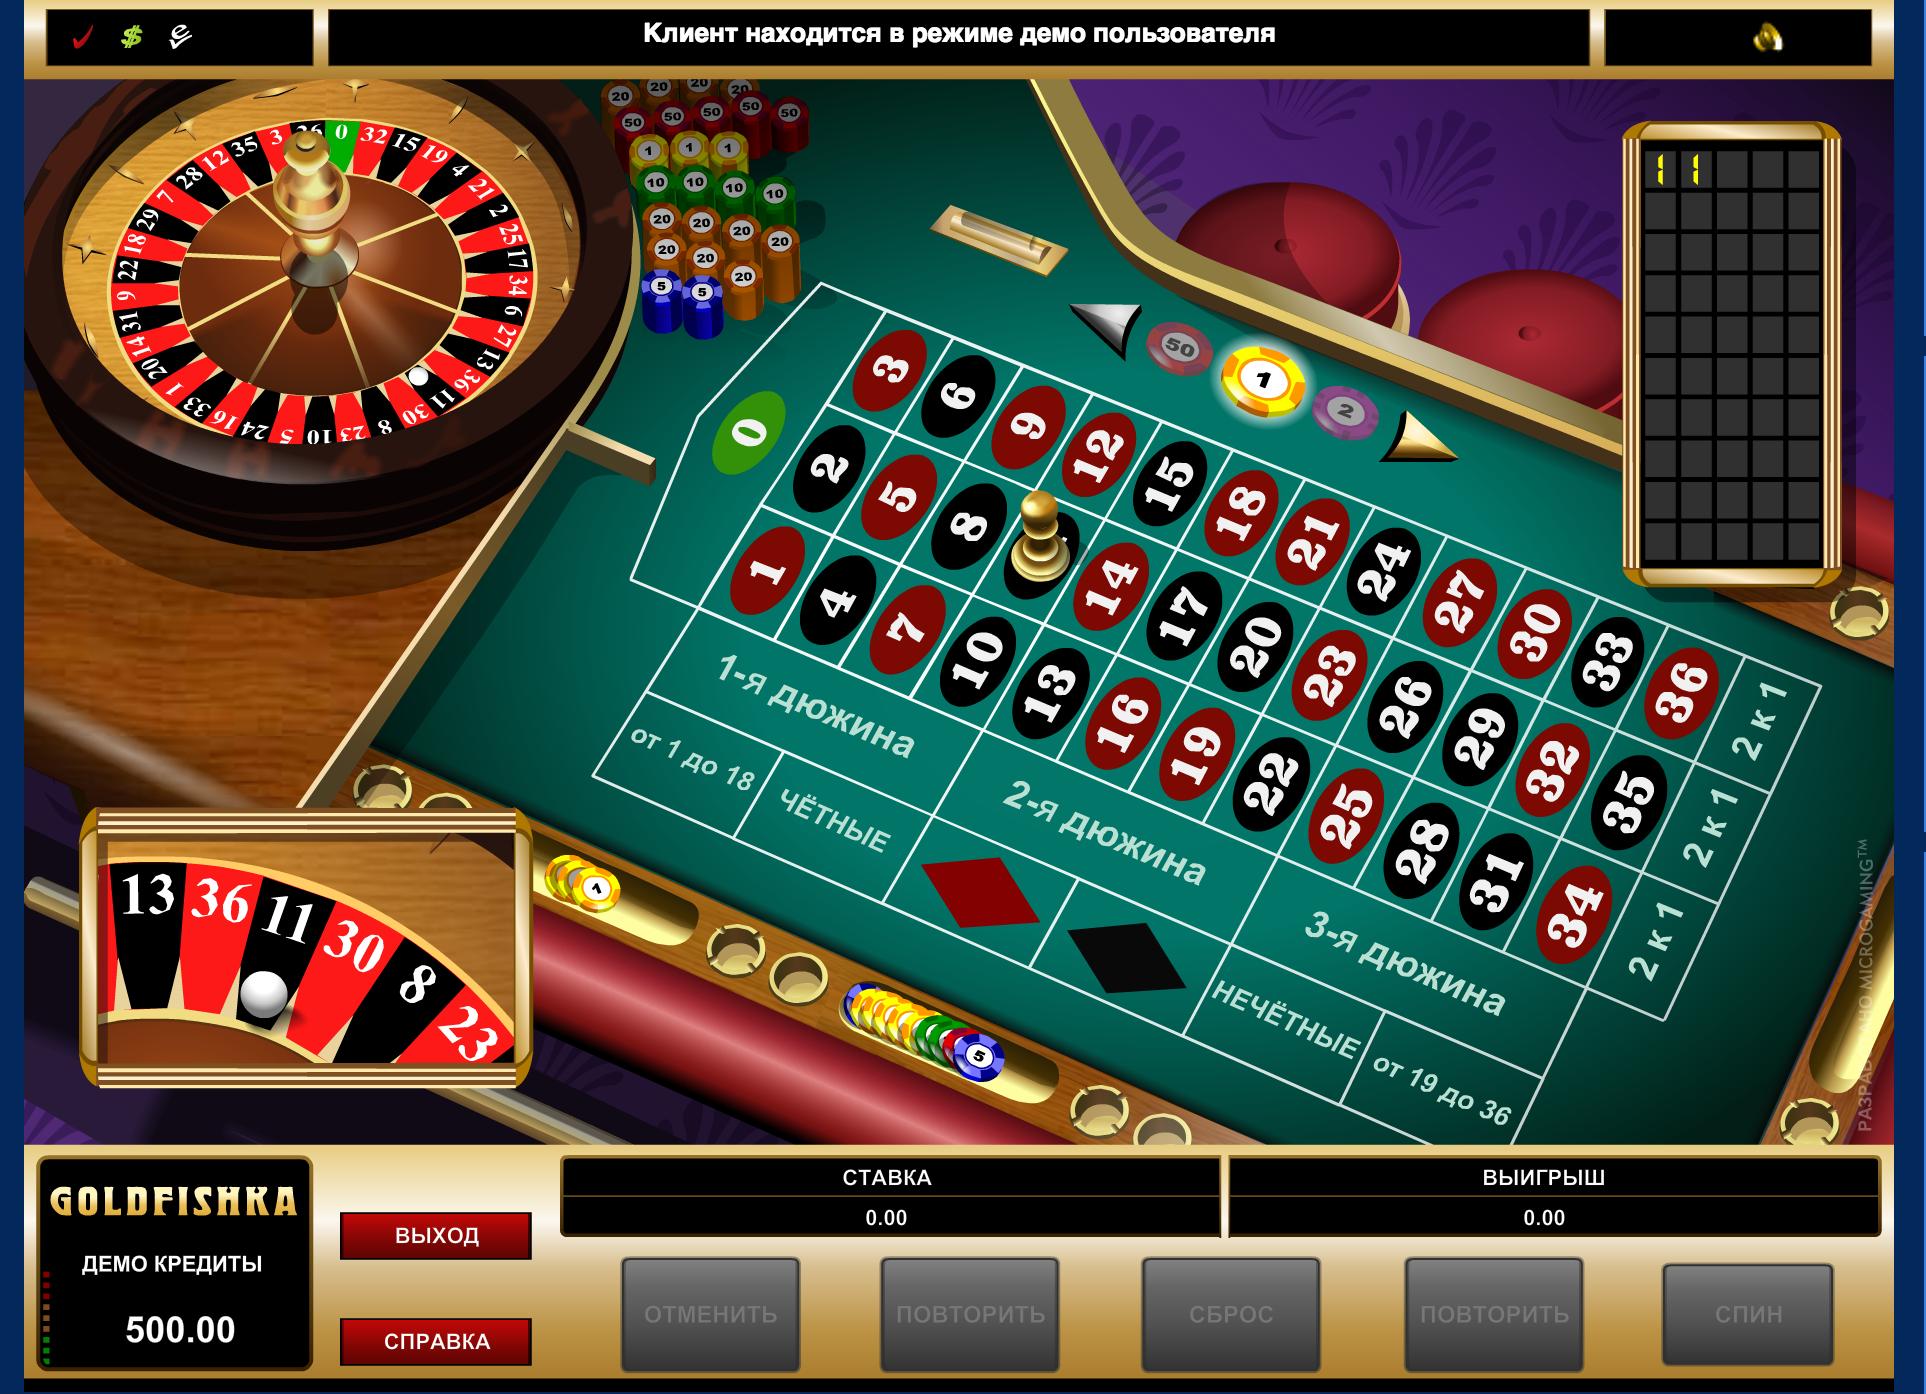 Играть игровые автоматы адмирал рейтинг слотов рф бесплатный игровой автомат пираты